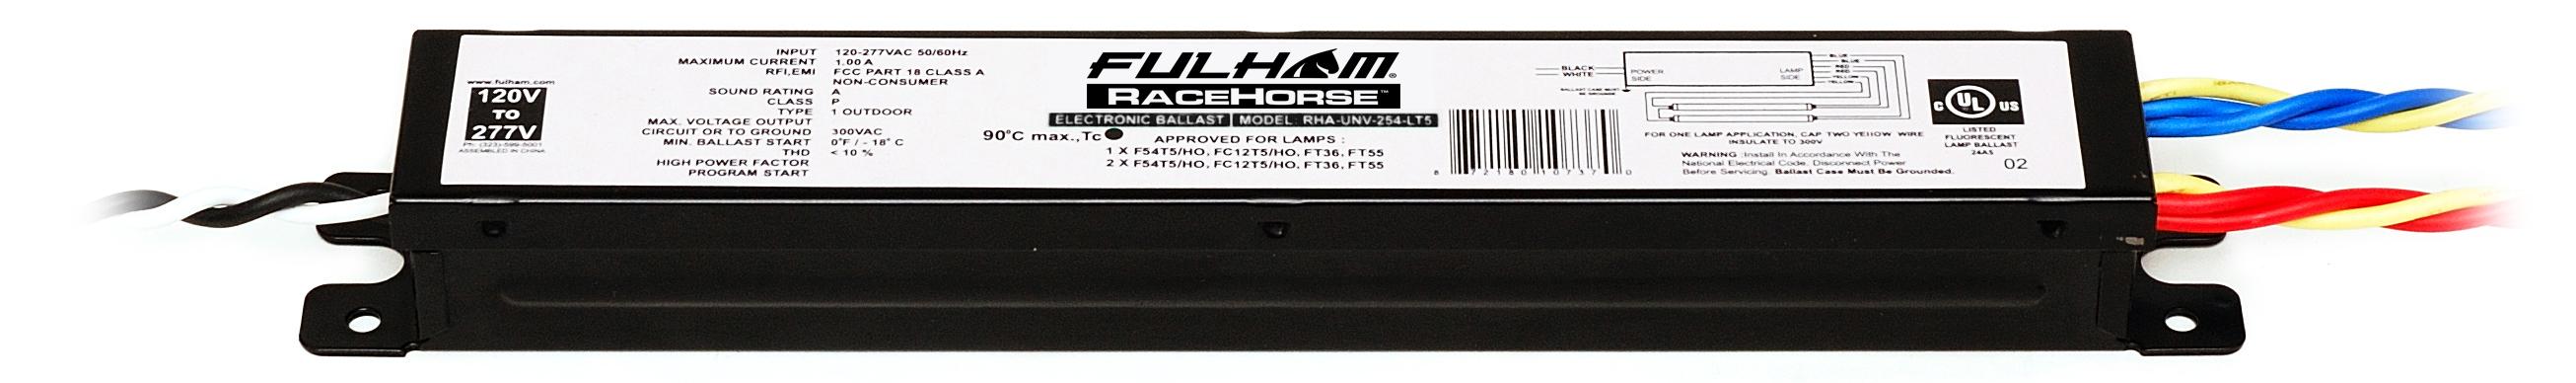 FULHAM® RHA-UNV-254-LT5